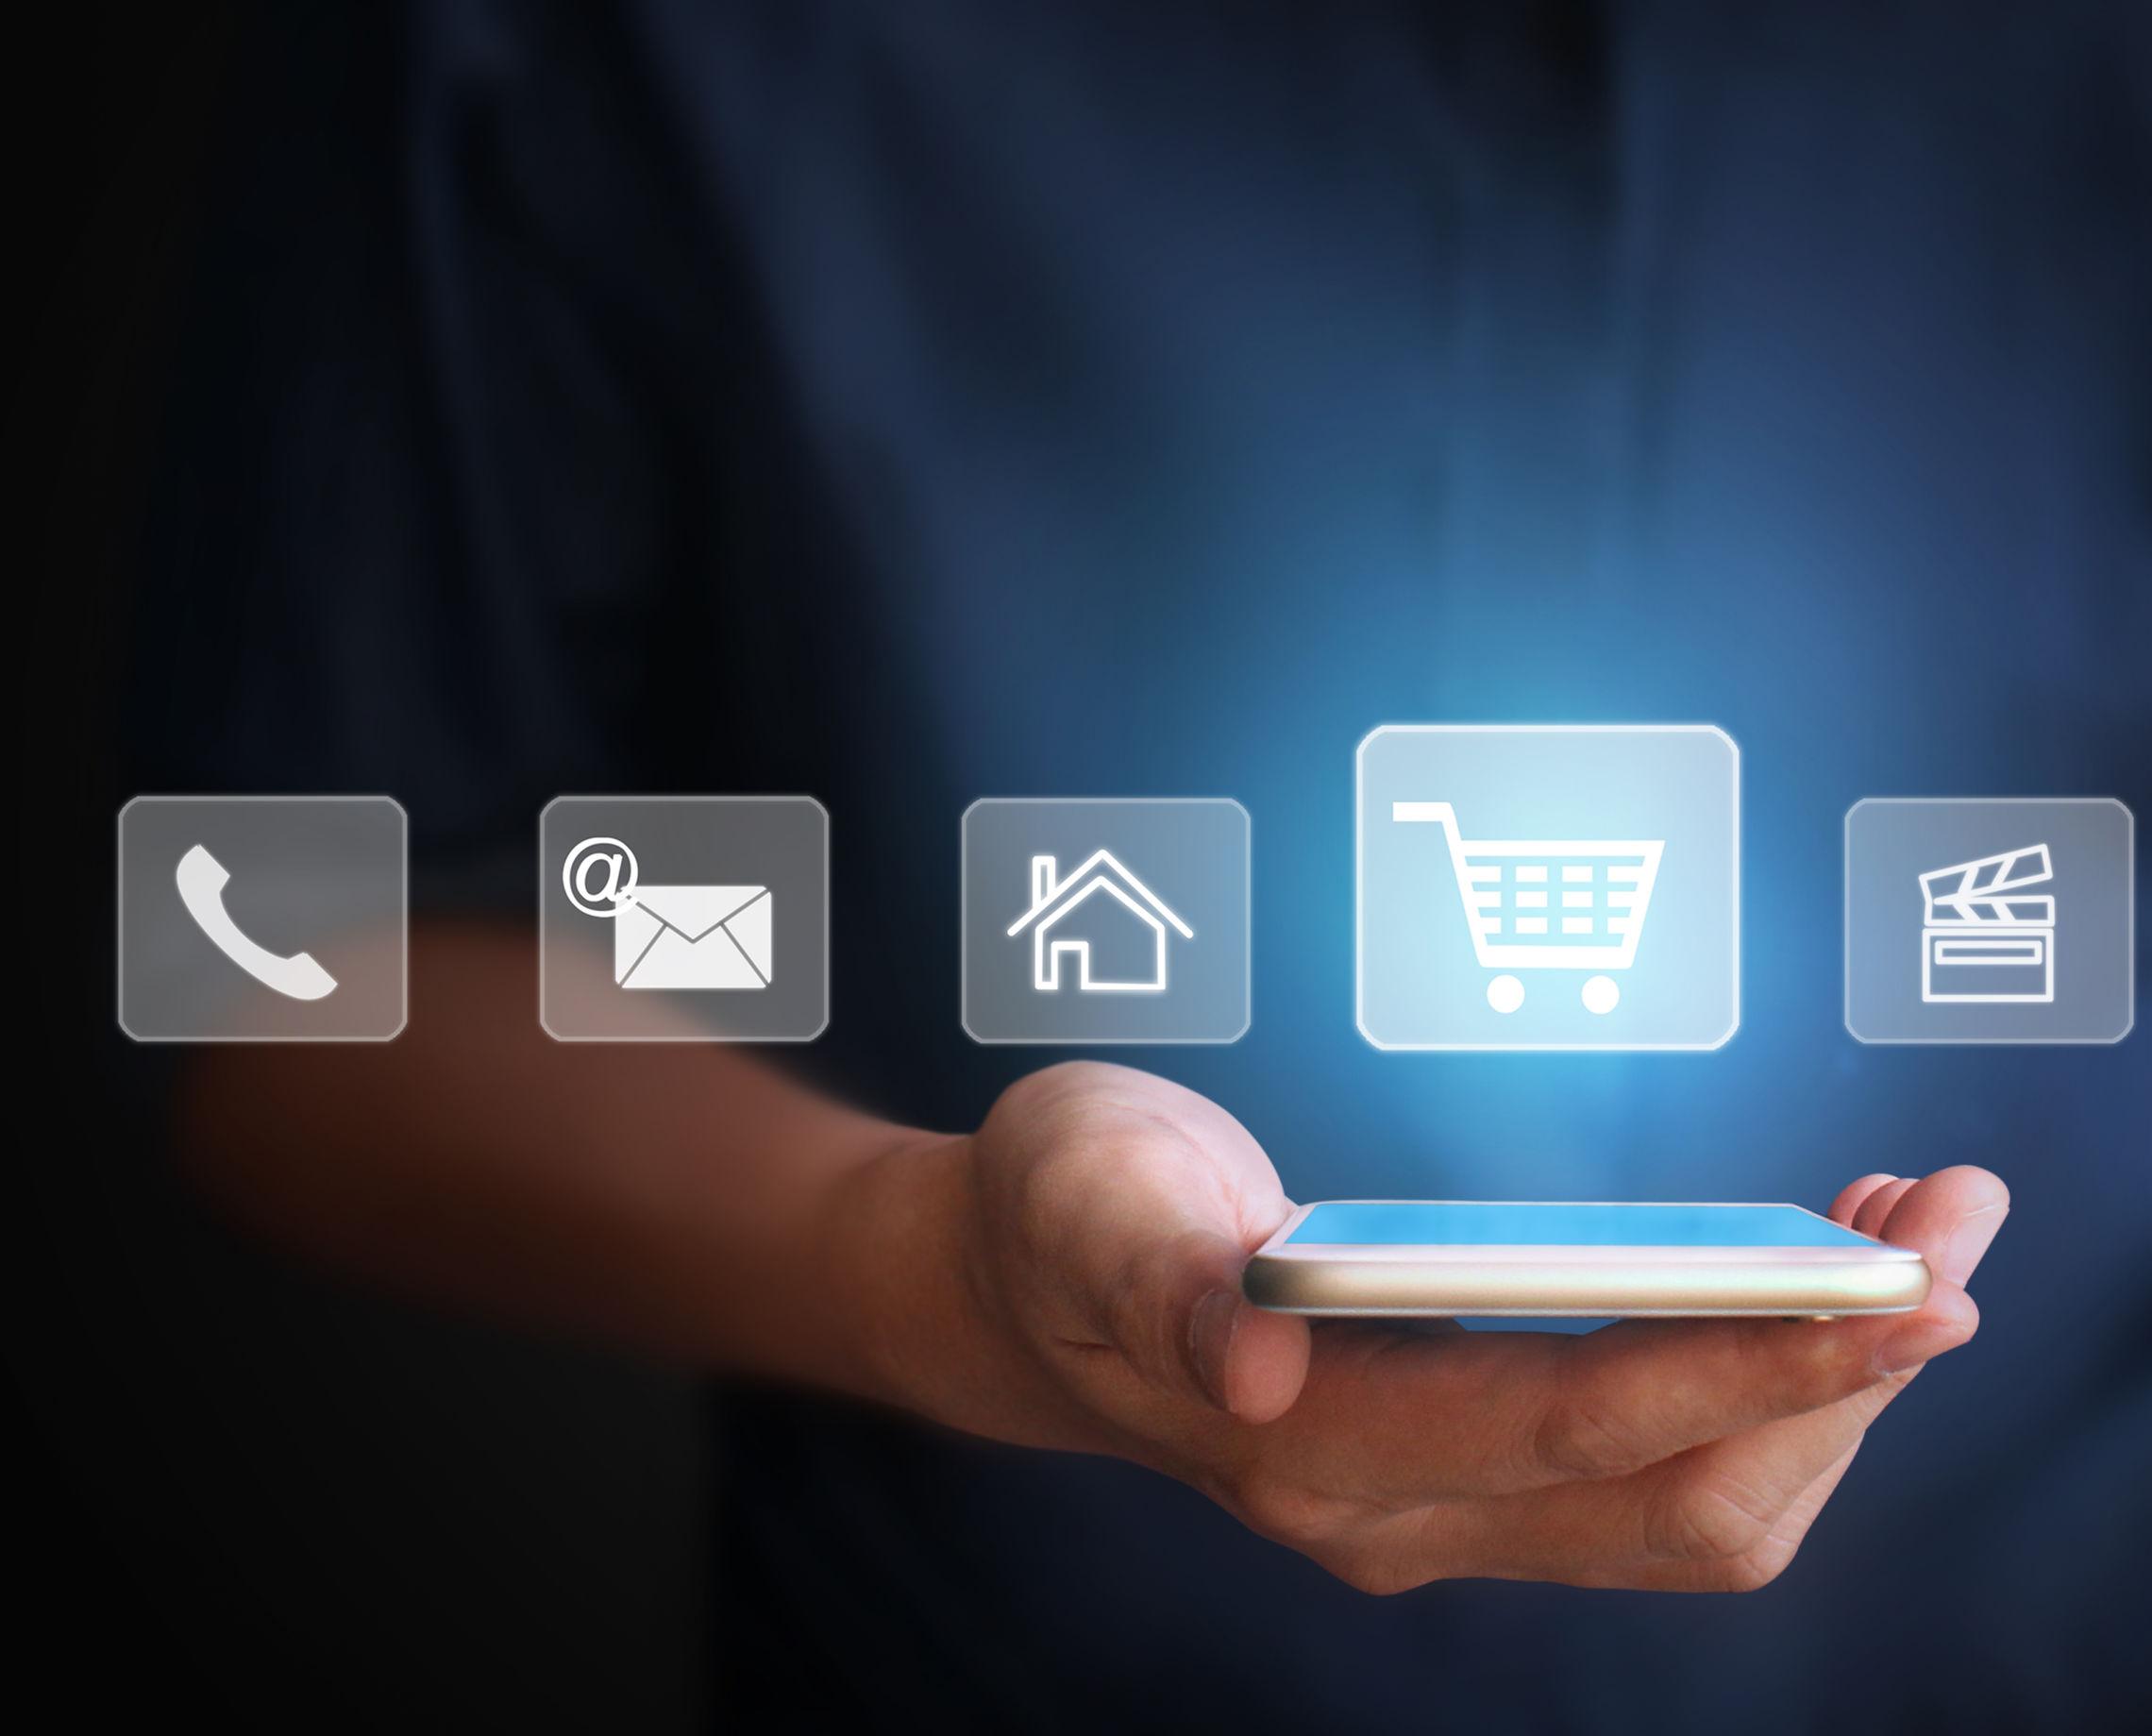 Mengenal GO-PAY untuk Kemudahan Transaksi Di Era Digital